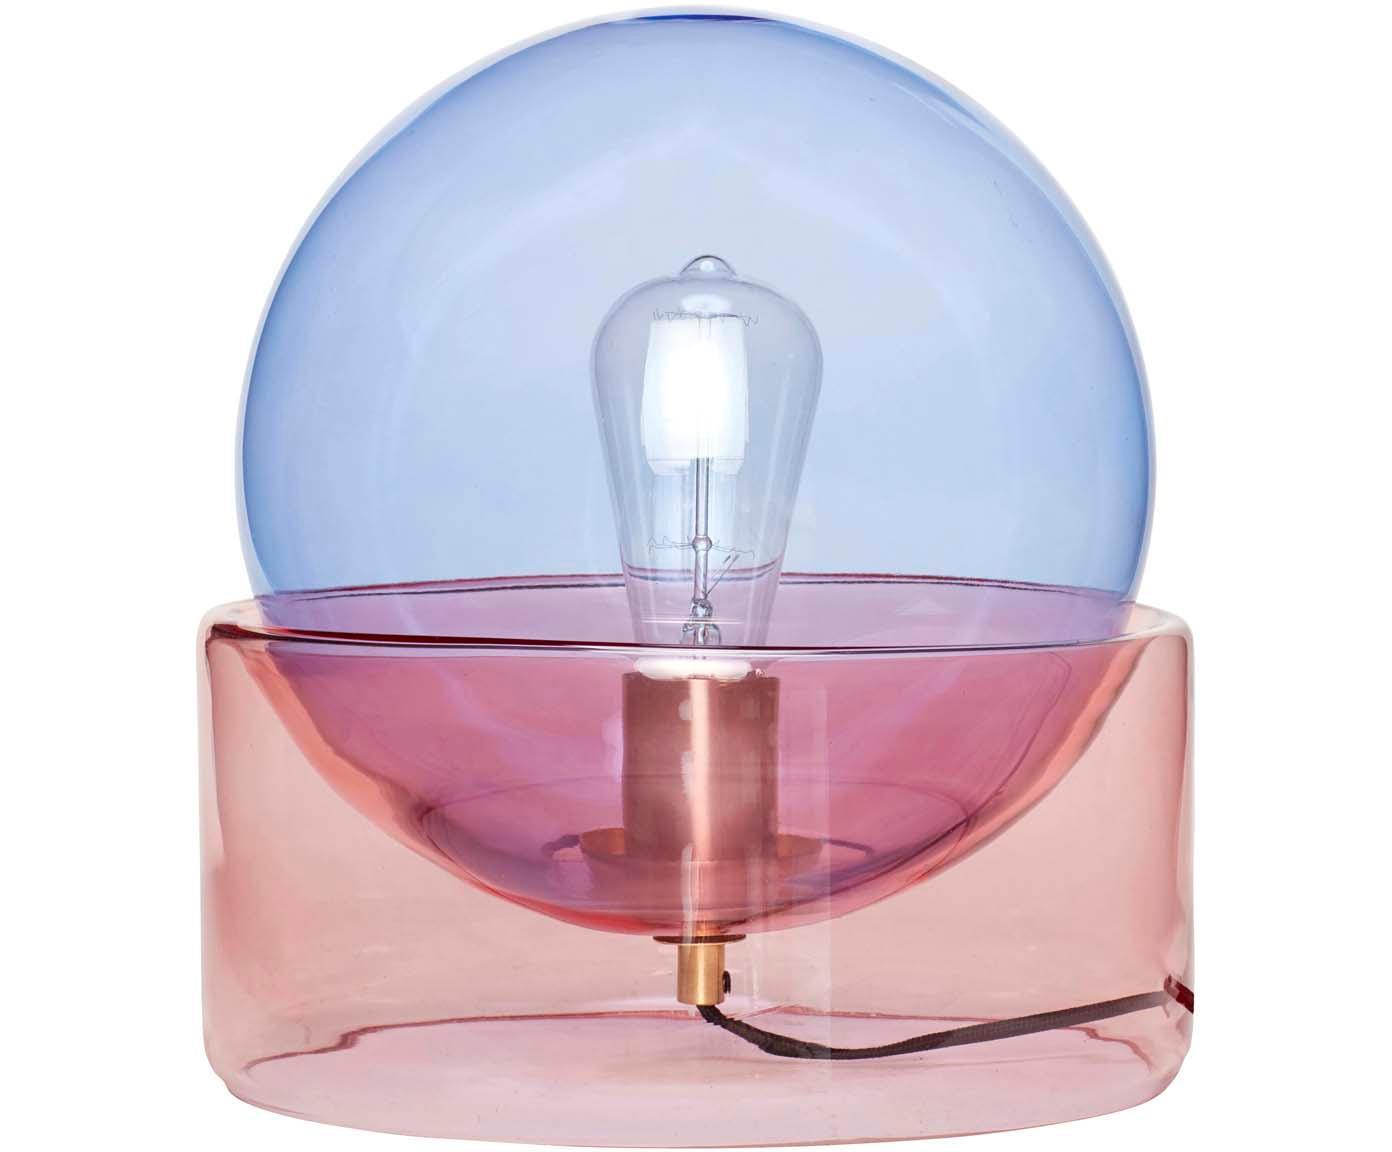 Lampa stołowa Glondy, Niebieski, blady różowy, Ø 27 x W 29 cm